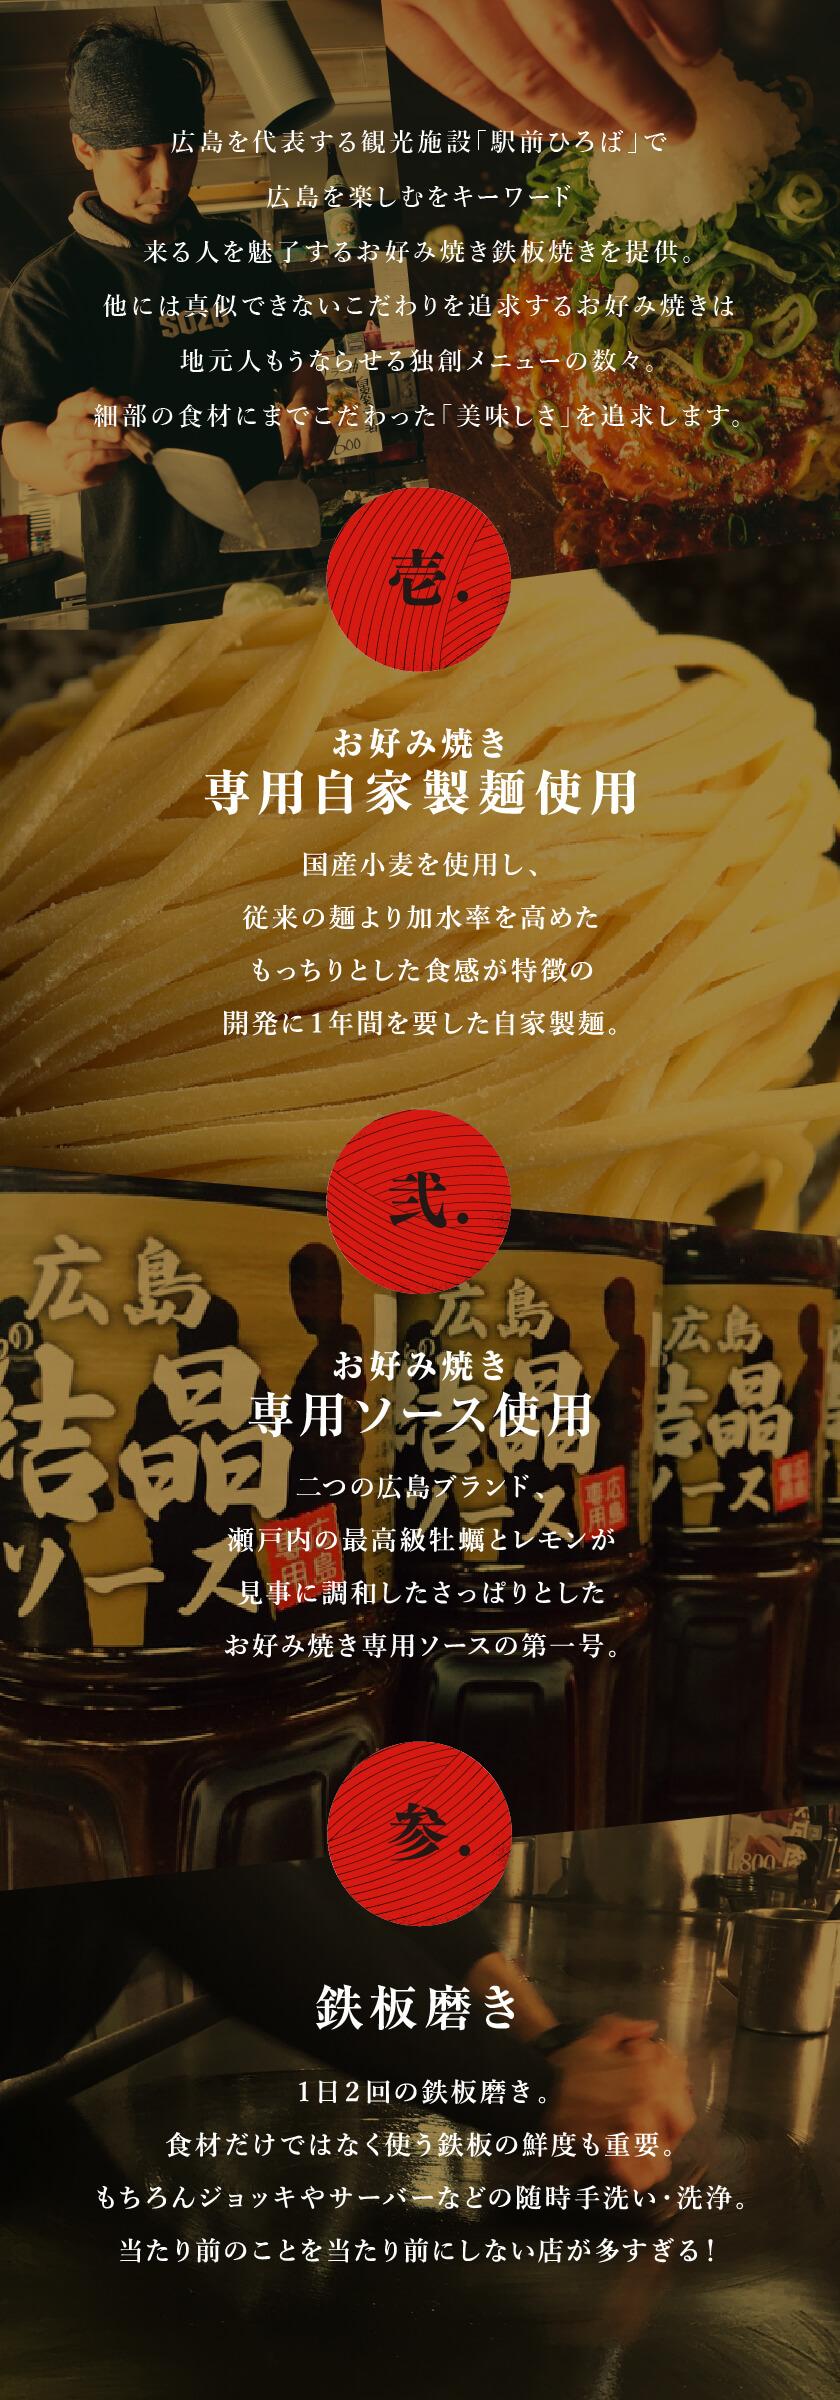 広島を代表する観光施設「駅前ひろば」で広島を楽しむをキーワード来る人を魅了するお好み焼き鉄板焼きを提供。他には真似できないこだわりを追求するお好み焼きは地元人もうならせる独創メニューの数々。細部の食材にまでこだわった「美味しさ」を追求します。